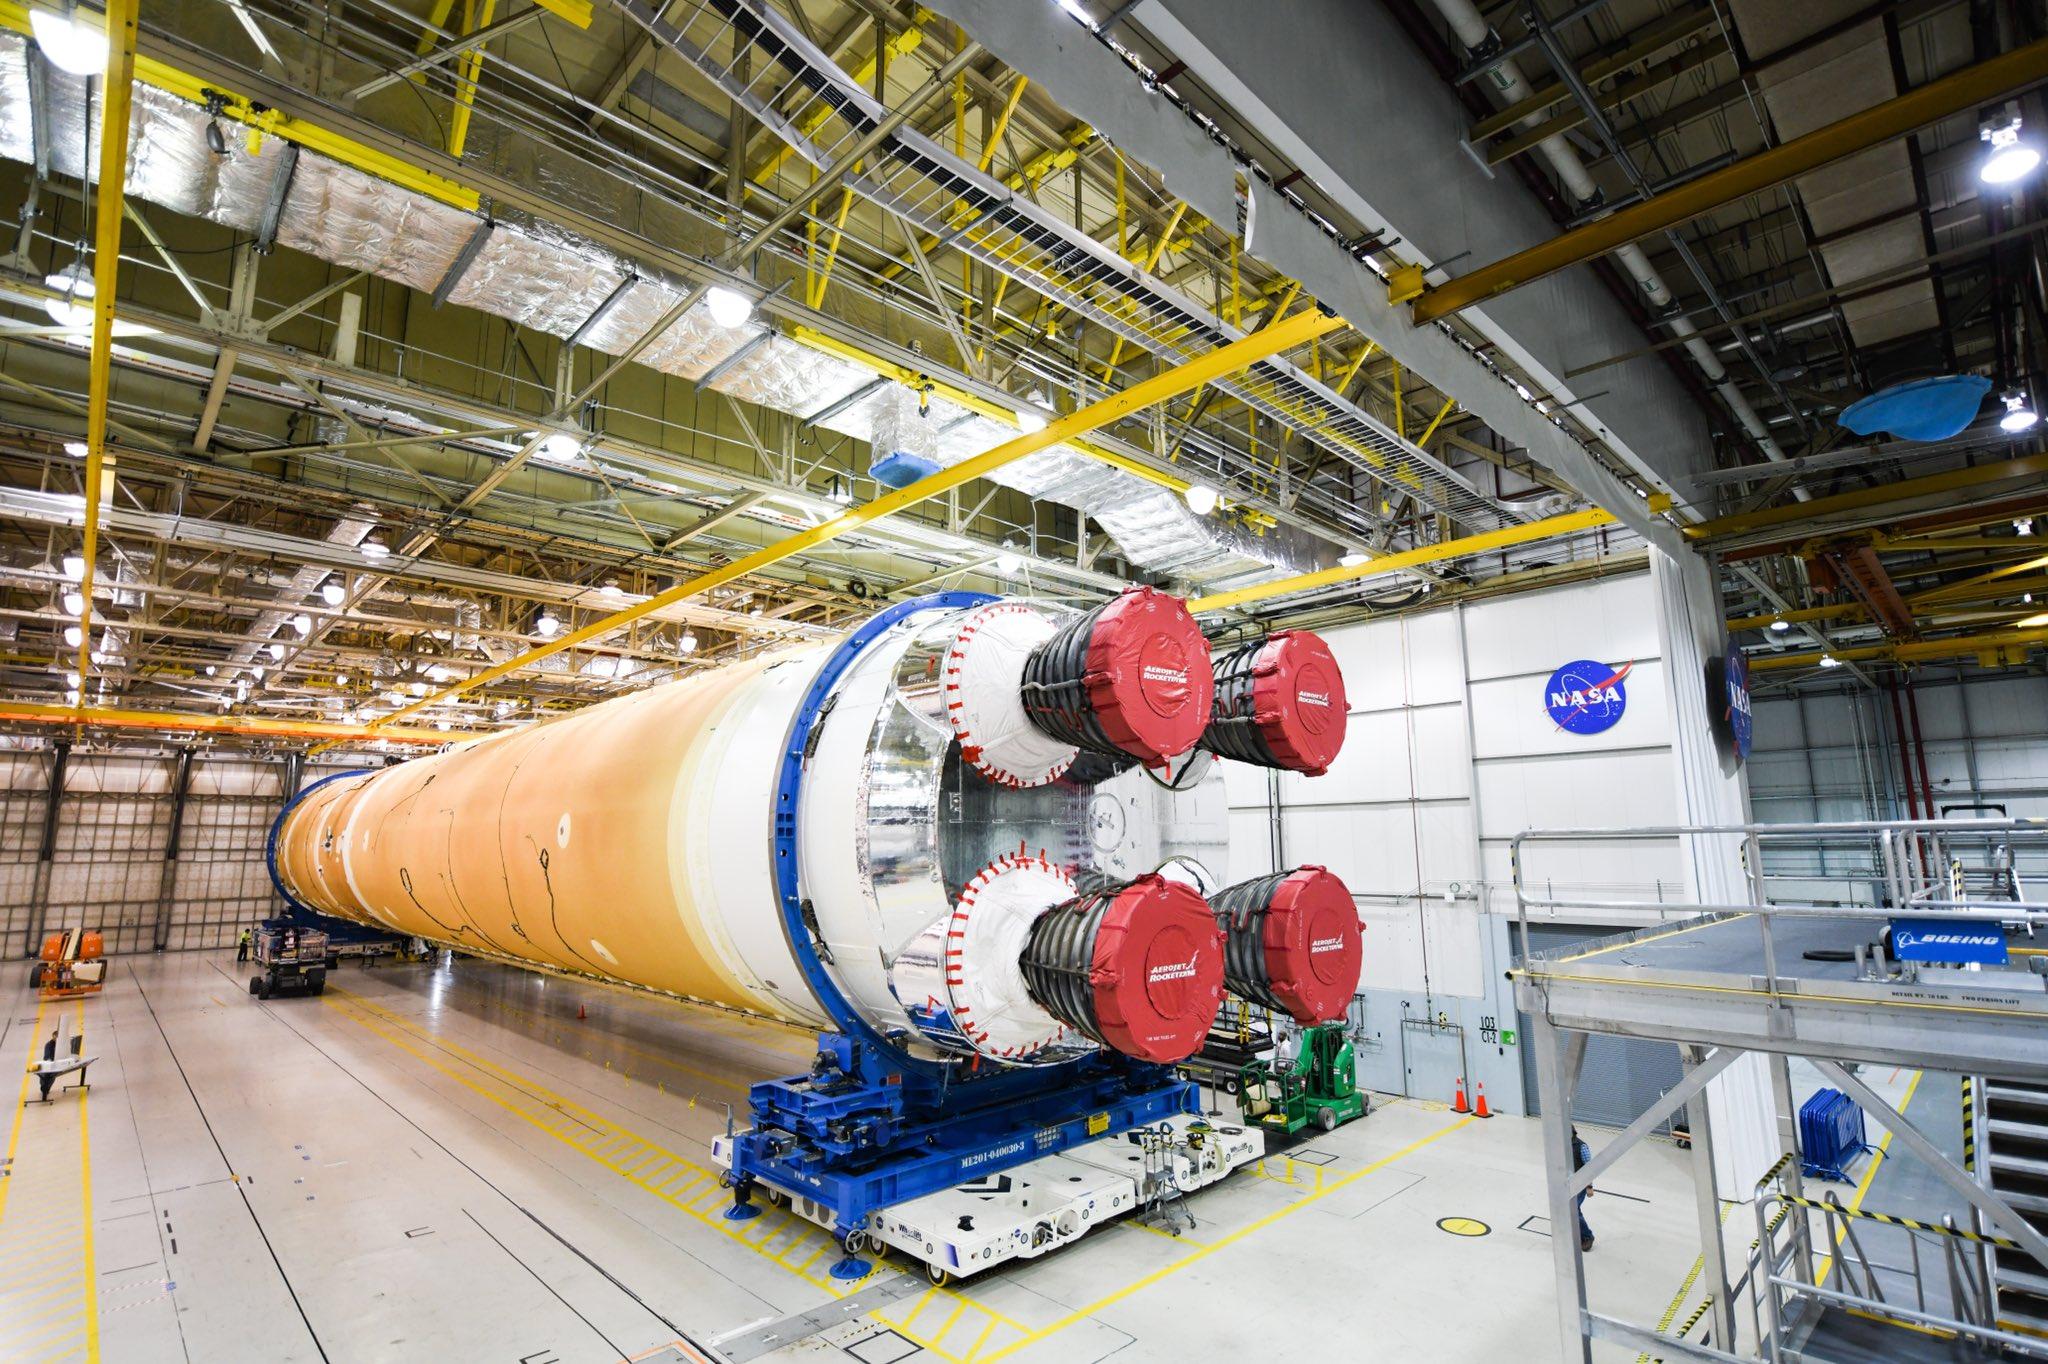 L'étape principale de 65 mètres (212 pieds) du nouveau mégarocket de la NASA, le système de lancement spatial, sort du bâtiment de l'Assemblée Michoud à la Nouvelle-Orléans, en Louisiane, le 1er janvier 2020 pour être transportée vers le Centre spatial Stennis à Bay St.Louis , Mississippi pour un test critique.